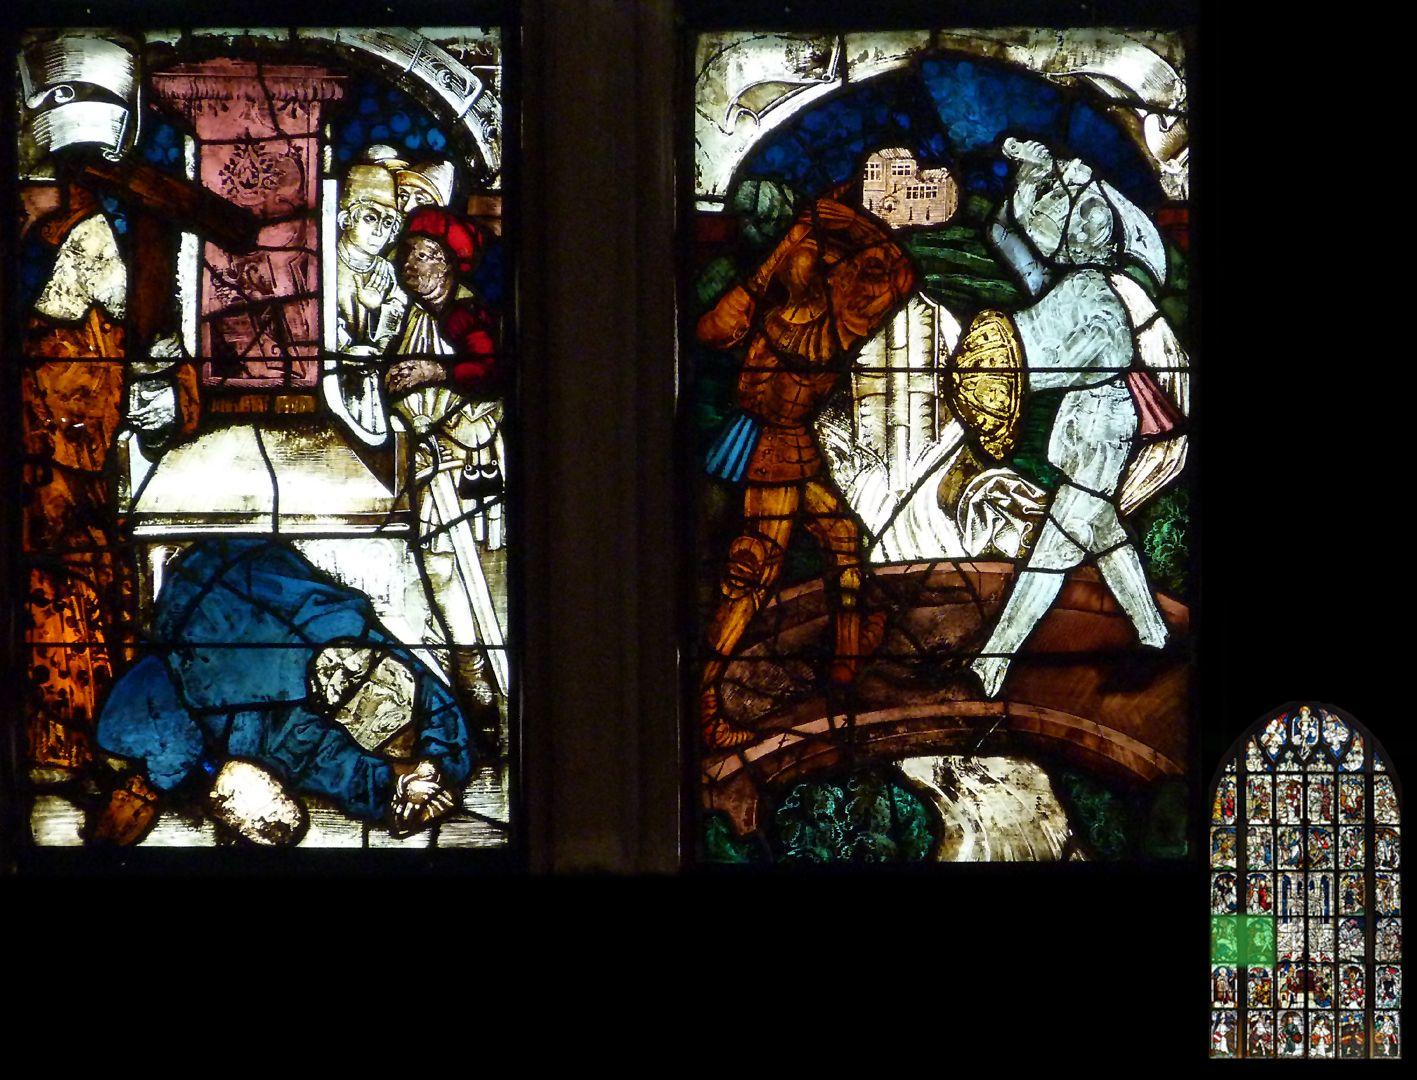 Kaiserfenster Szenen zur Rückeroberung des wahren Kreuzes durch den byzantinischen Kaiser Heraklius. Rechts der Zweikampf mit dem Perserkönig Chosroe und links die anschließende Enthauptung des Frevlers.